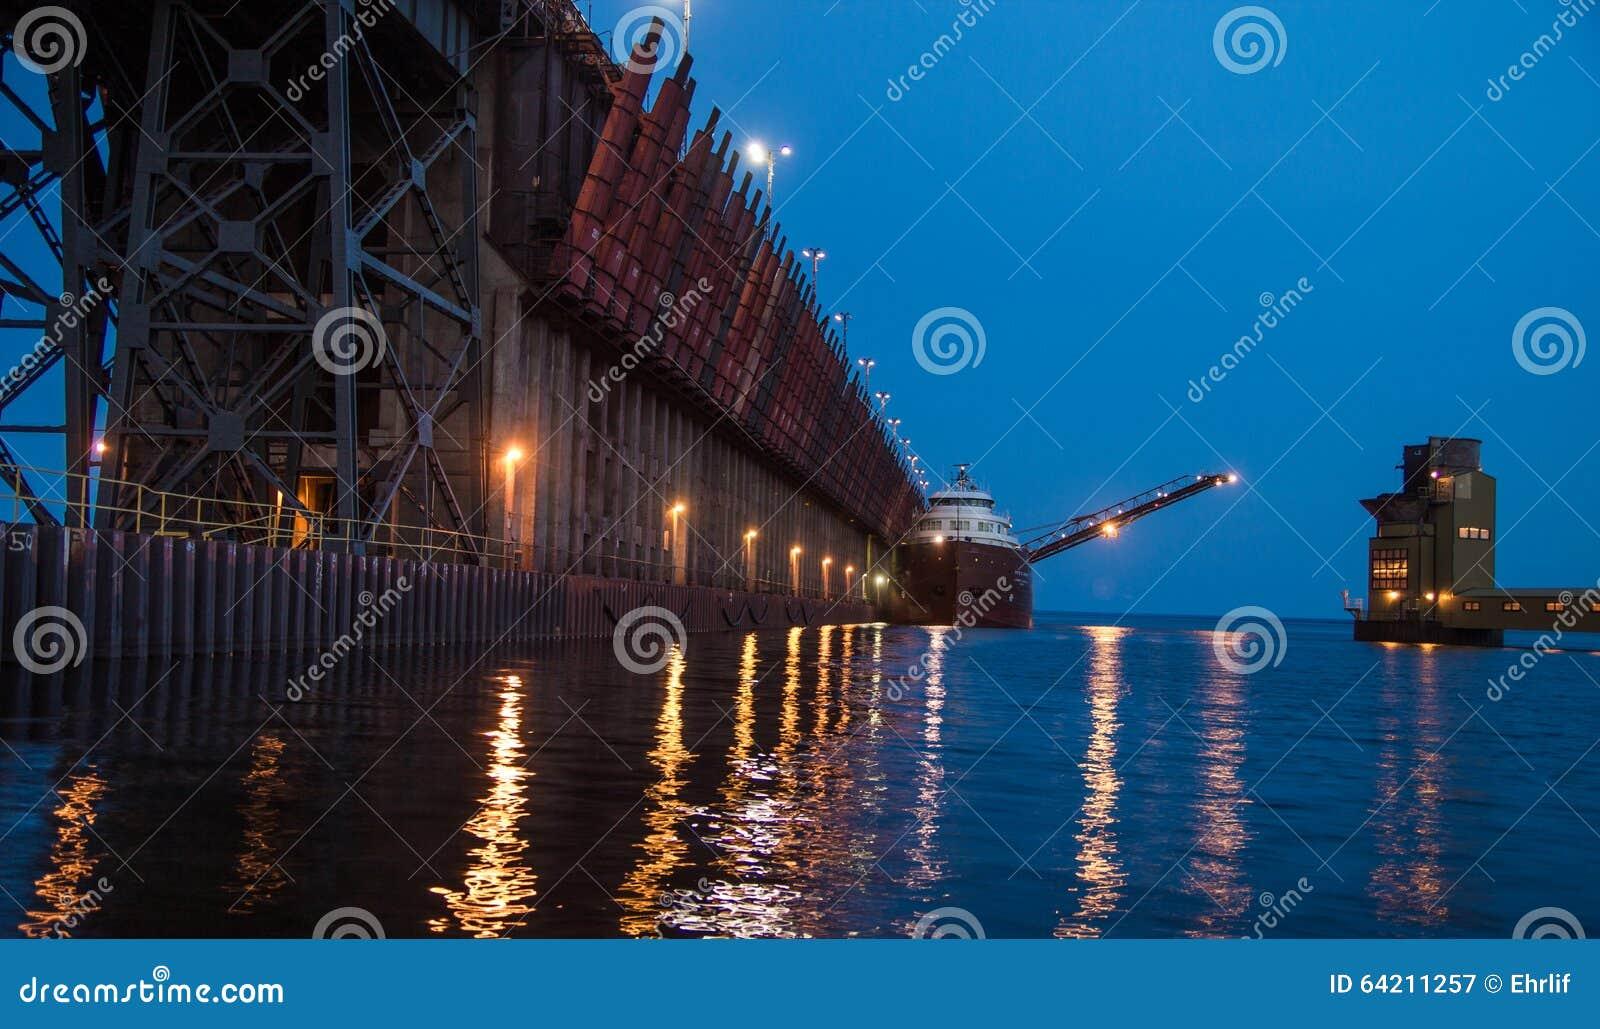 Muelle del mineral de hierro con el carguero